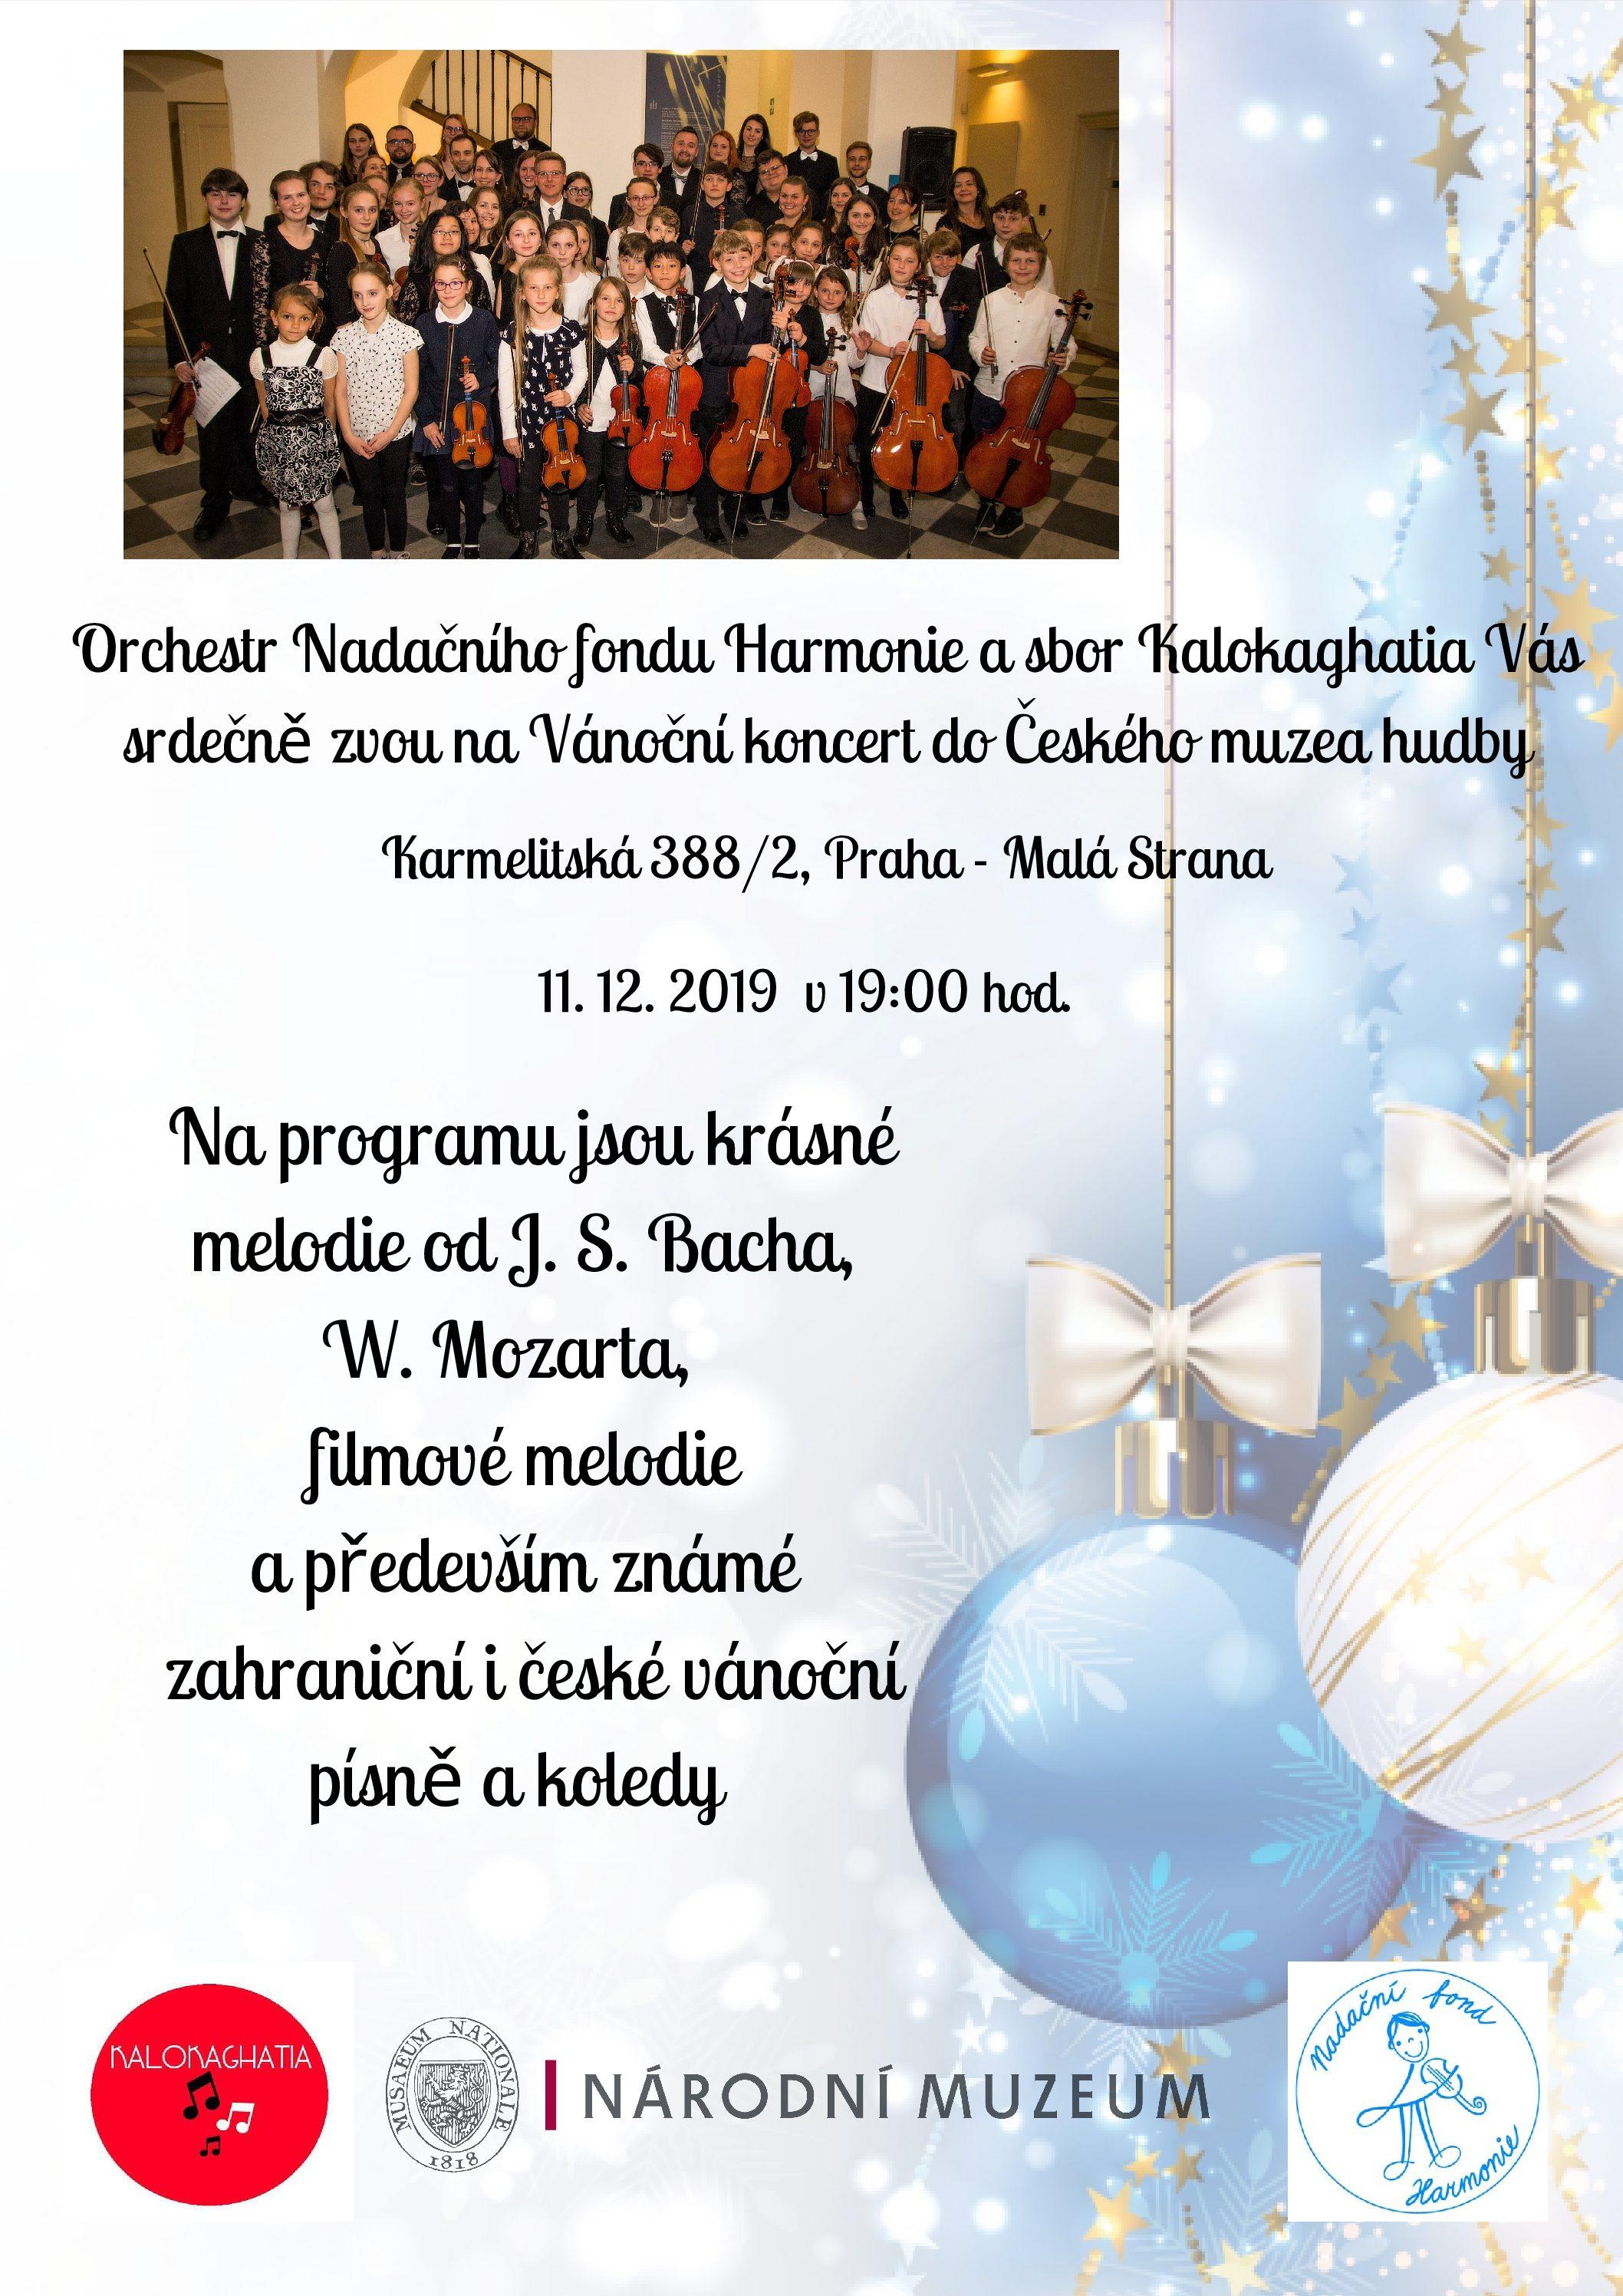 Vánoční koncert Orchestru NFH v Českém muzeu hudby 11. 12. v 19.00 hodin